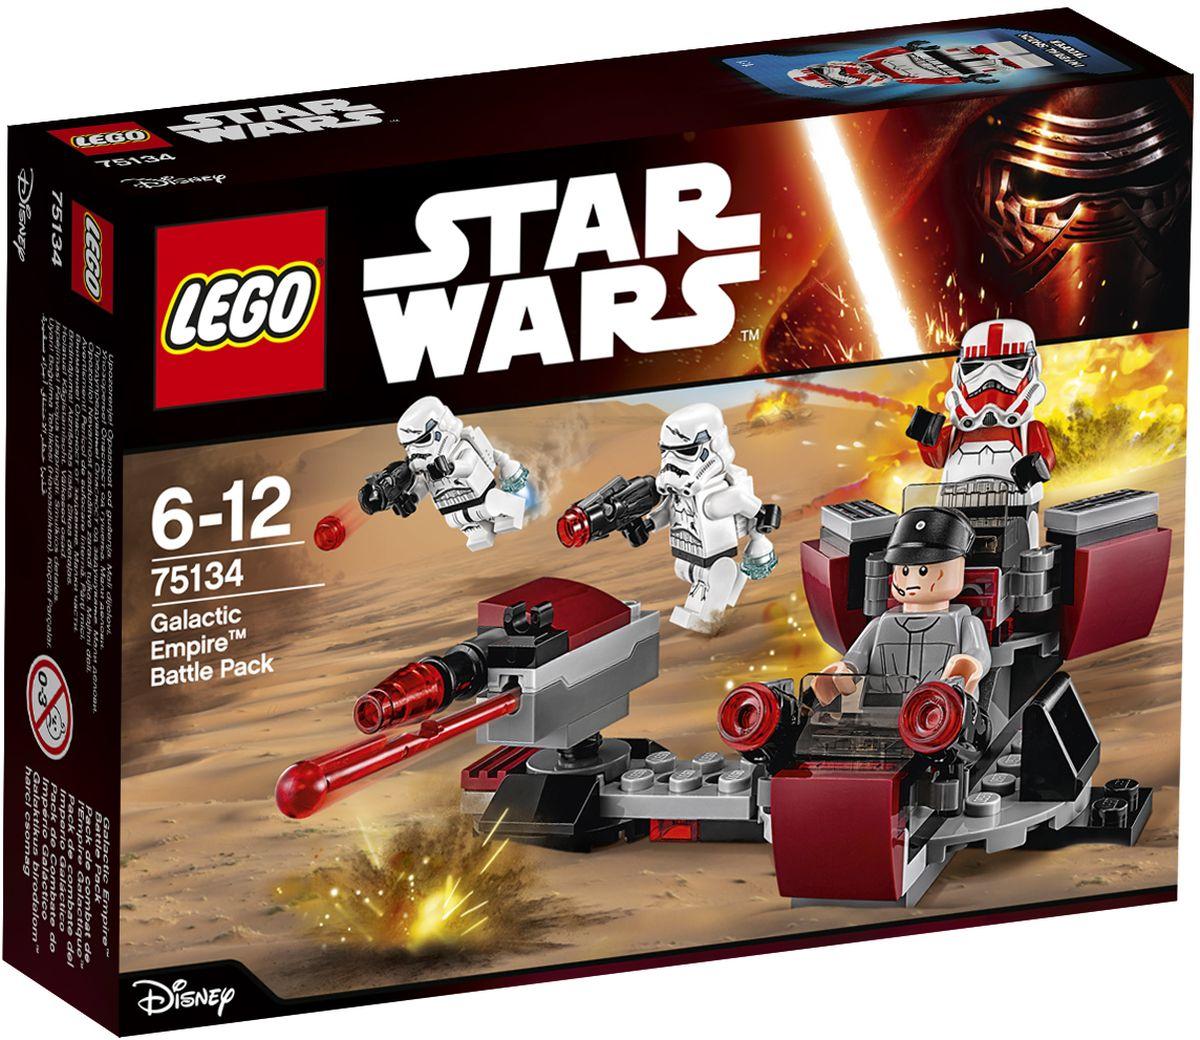 LEGO Star Wars Конструктор Боевой набор Галактической Империи 7513475134Конструктор Lego Star Wars Боевой набор Галактической Империи приведет в восторг любого поклонника знаменитой космической саги Звездные войны. Конструктор содержит 109 пластиковых элементов, с помощью которых вы сможете собрать оригинальную боевую машину из вселенной Звездных войн. Вдалеке были замечены повстанцы. Перейди в центр управления, чтобы определить их местоположение, установи сдвоенную пушку, заряди бластеры и вперёд! С твоей помощью Имперские штурмовики заставят повстанцев спрятаться обратно в свои норы! Все элементы набора выполнены из прочного безопасного пластика. Корабль и бластеры солдат стреляют небольшими снарядами, входящими в набор. Также в набор входят фигурки имперских солдат. Игры с конструкторами помогут ребенку развить воображение, внимательность, пространственное мышление и творческие способности. Такой конструктор надолго займет внимание малыша и непременно станет его любимой игрушкой.